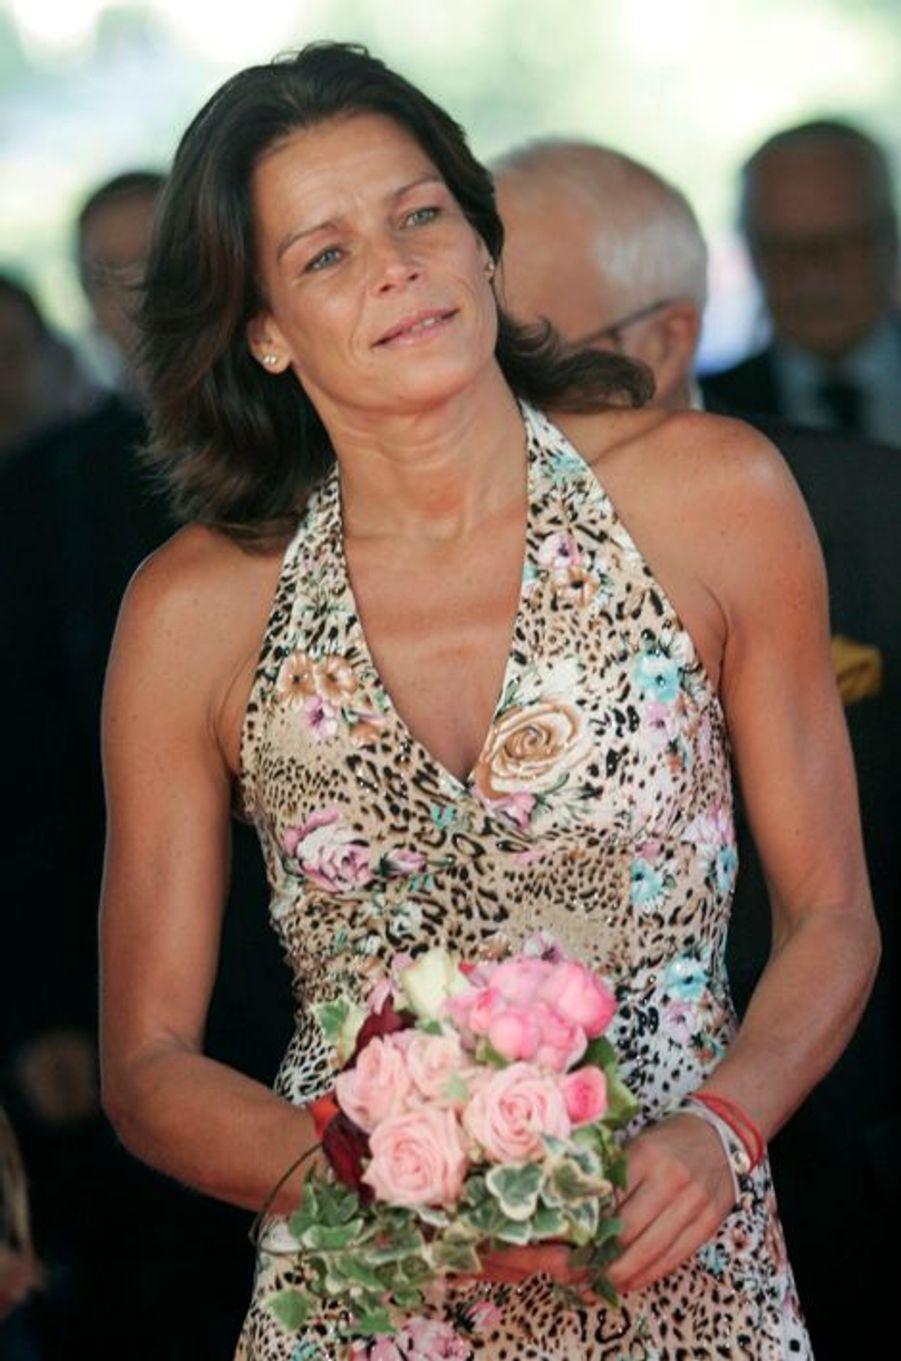 La princesse Stéphanie de Monaco le 11 juillet 2007